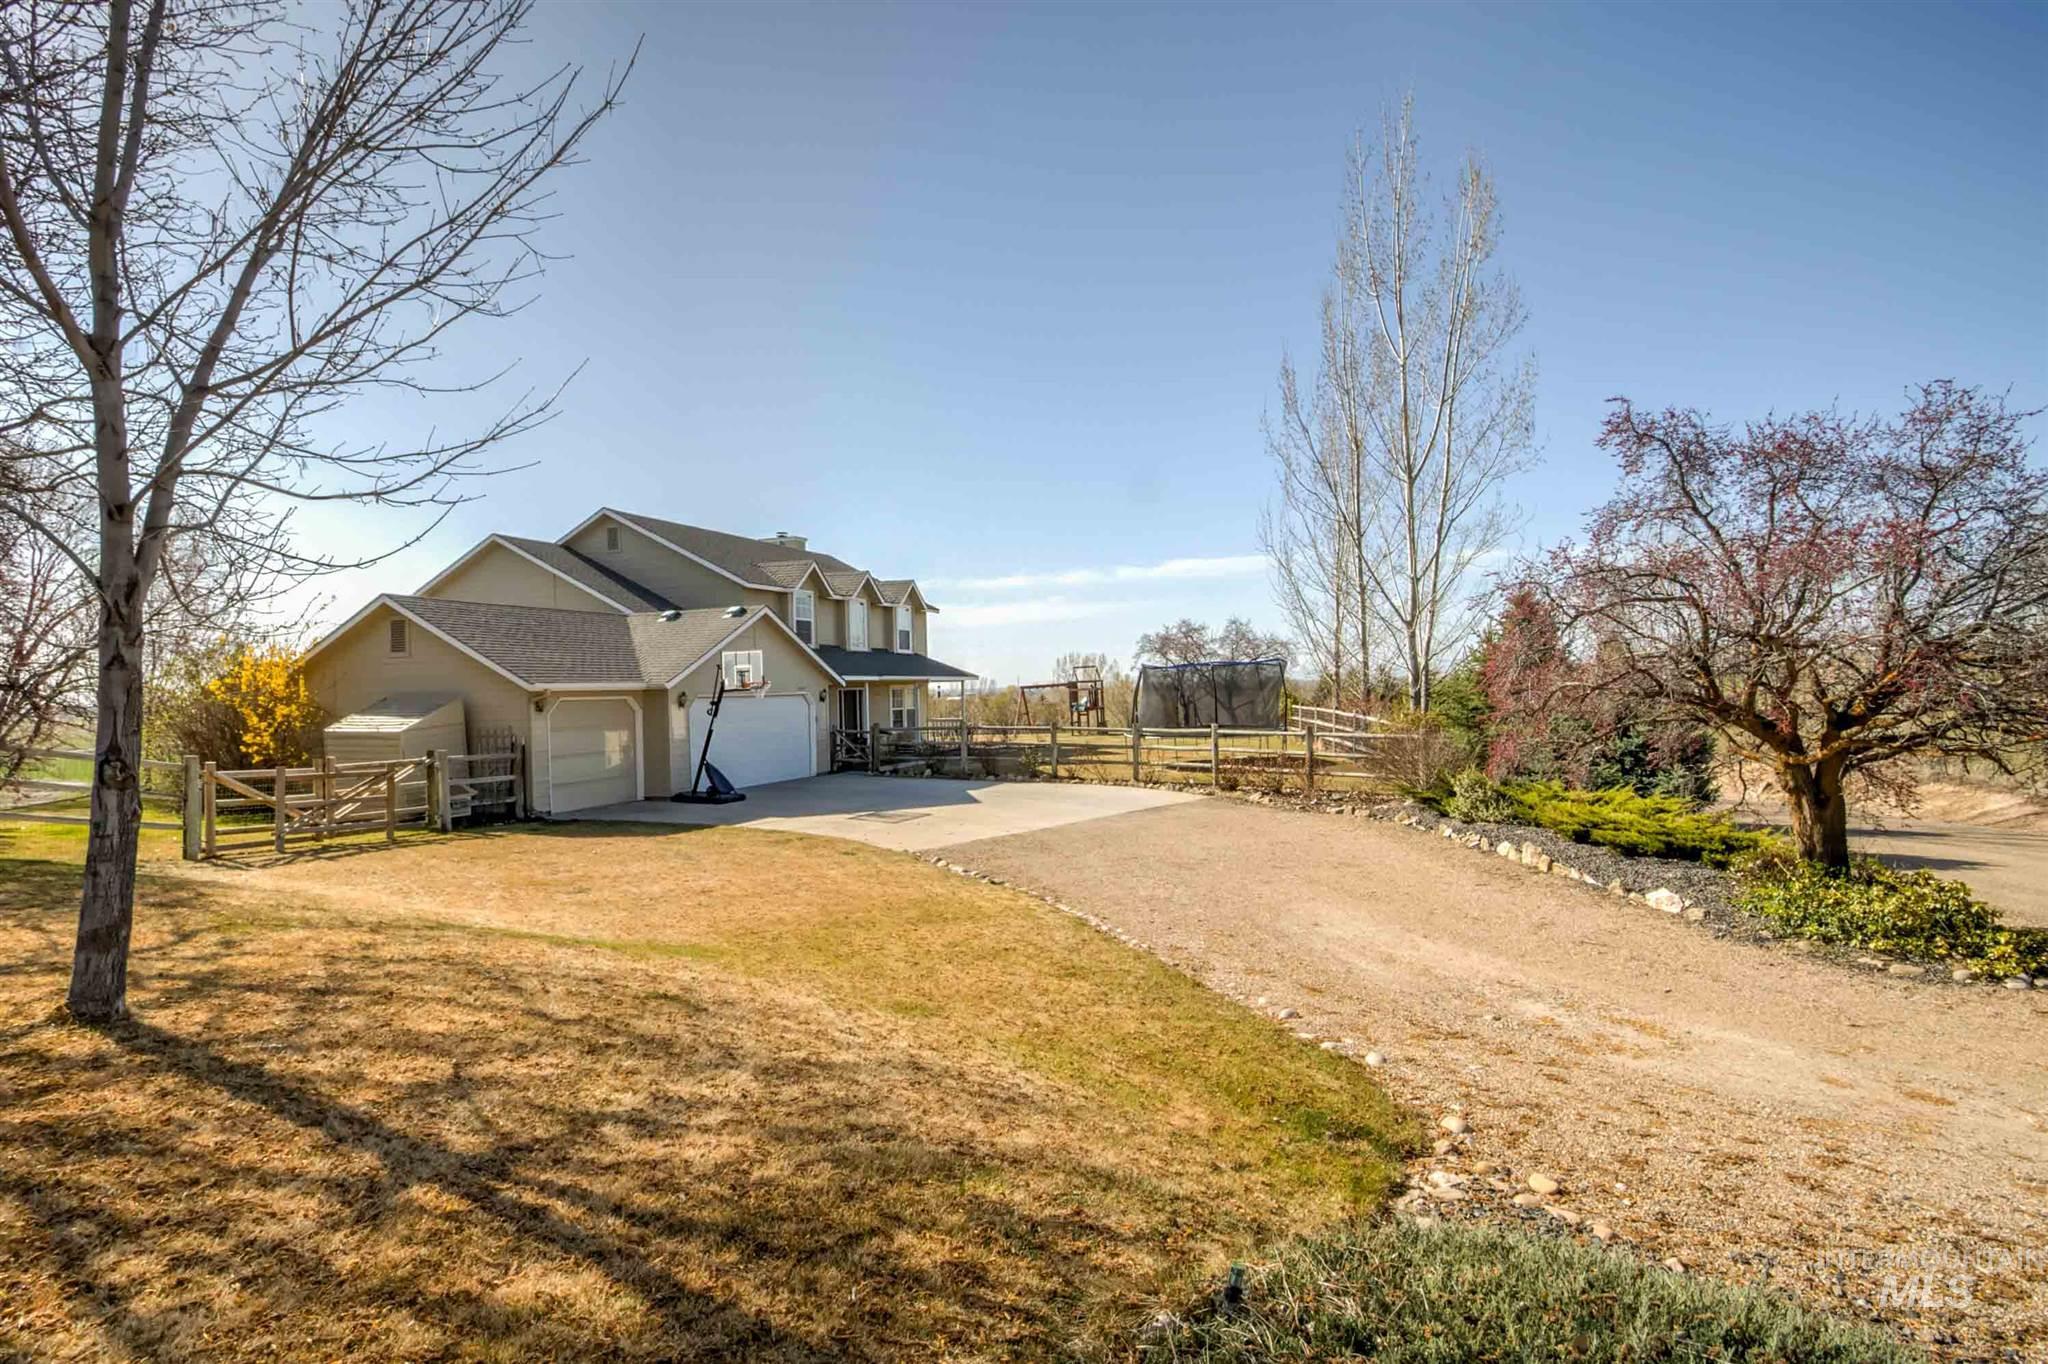 24440 Kenridge Rd Property Photo